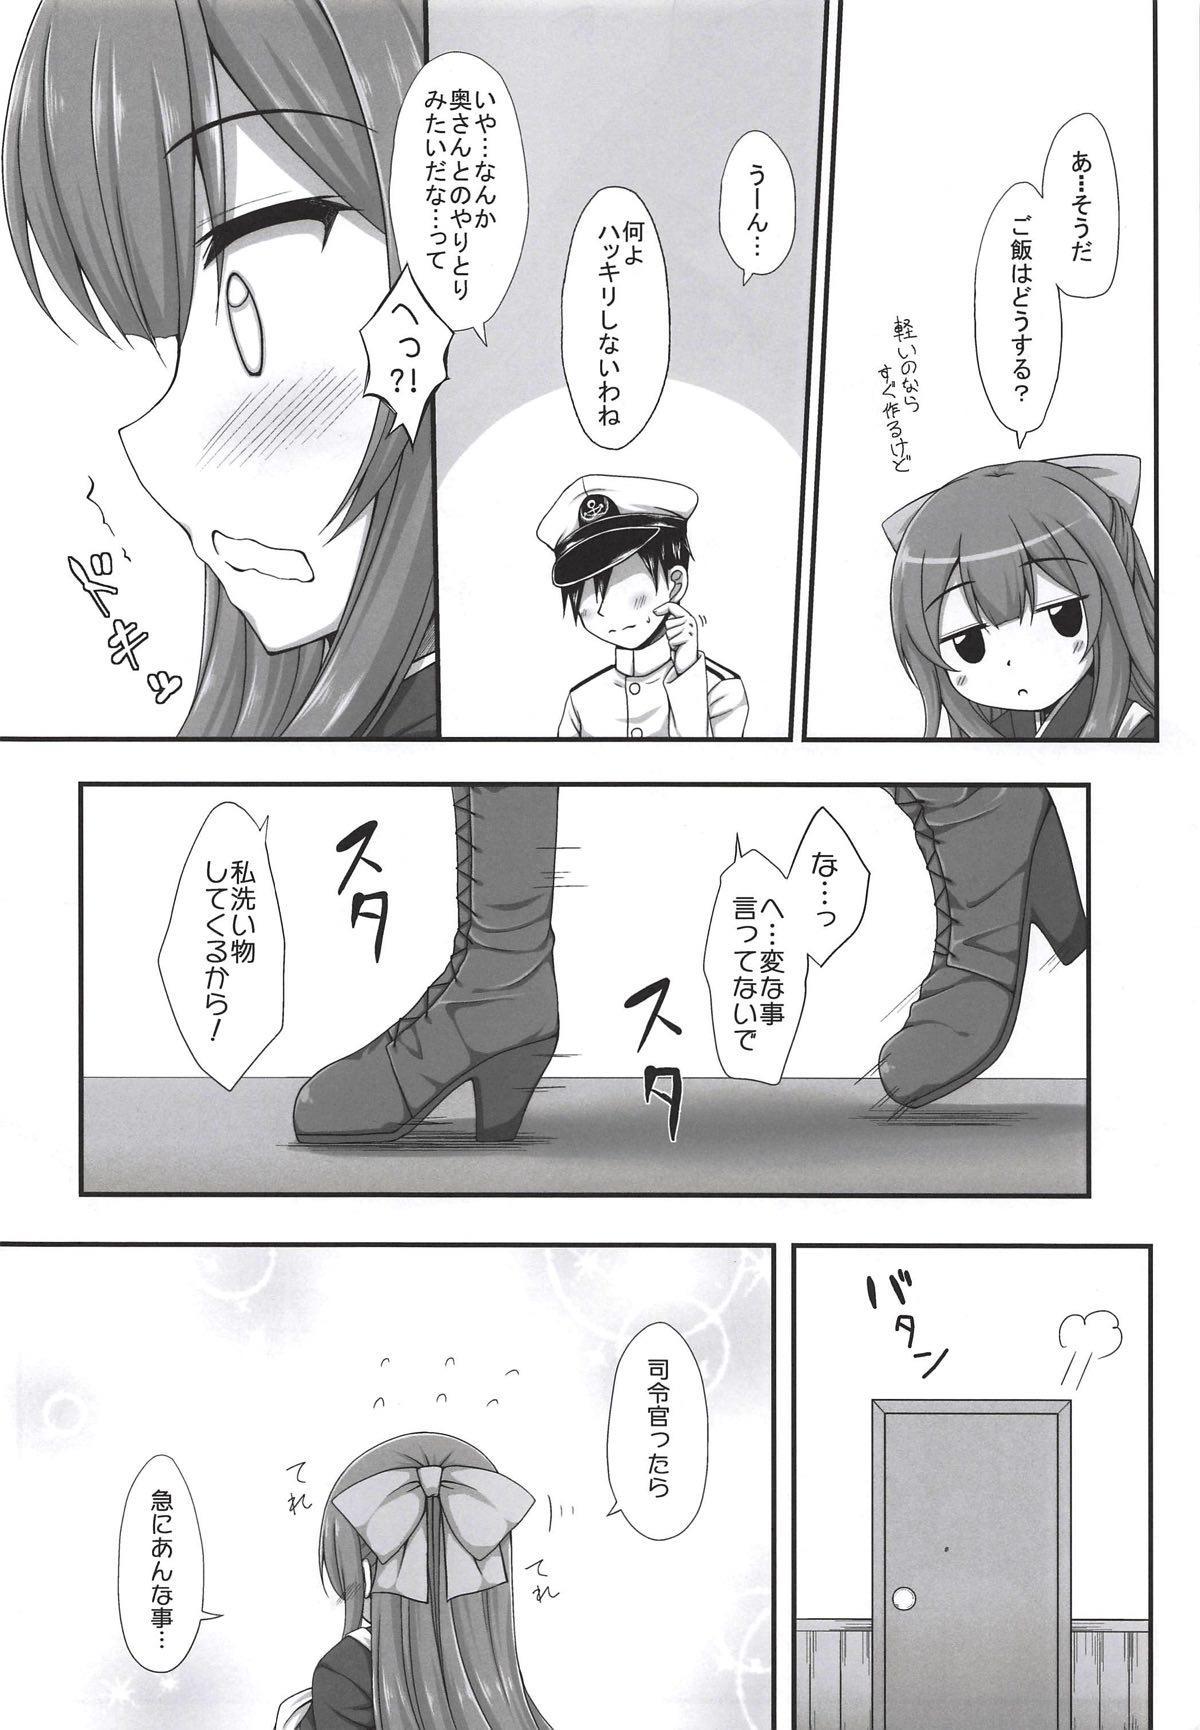 Ganbare! Kamikaze-san 4